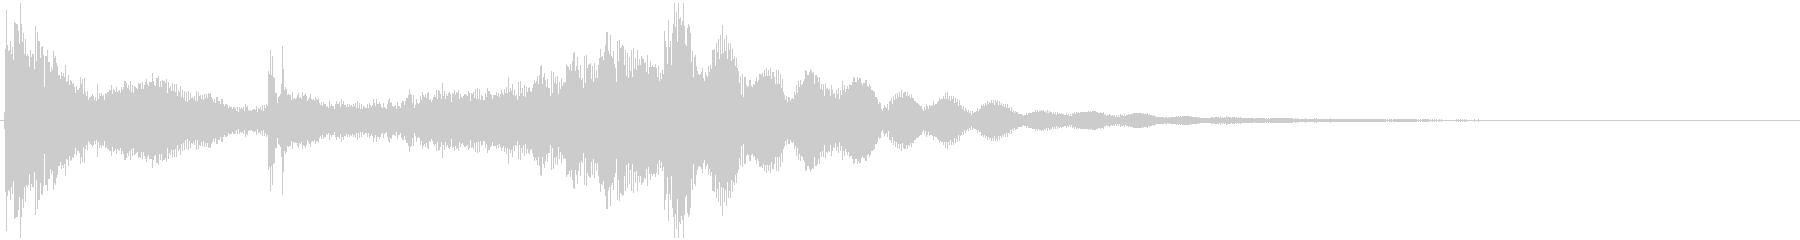 和太鼓登場ジングル1の未再生の波形